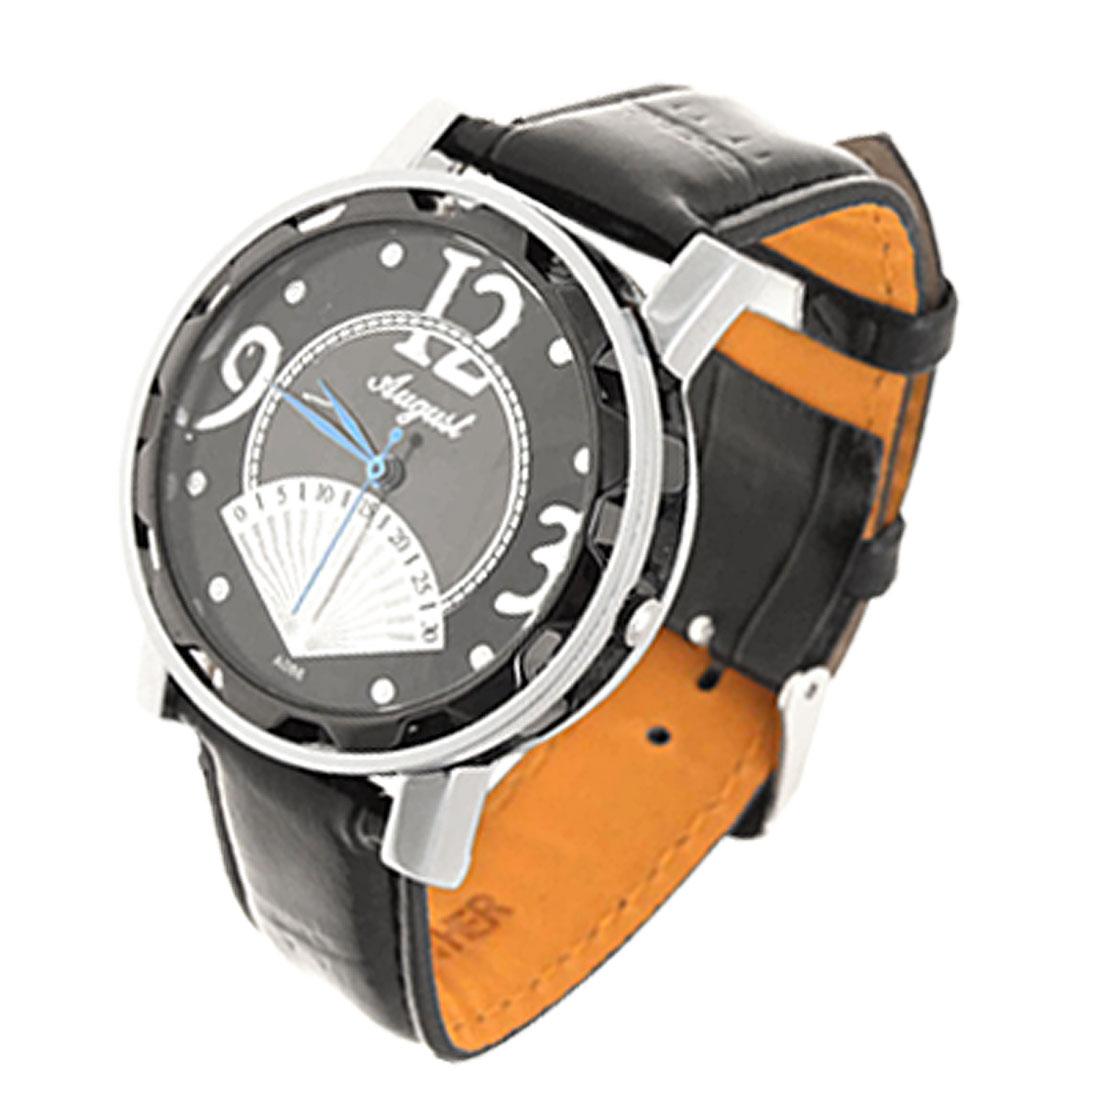 Fashion Unisex Novelty Black Leather Quartz Watch